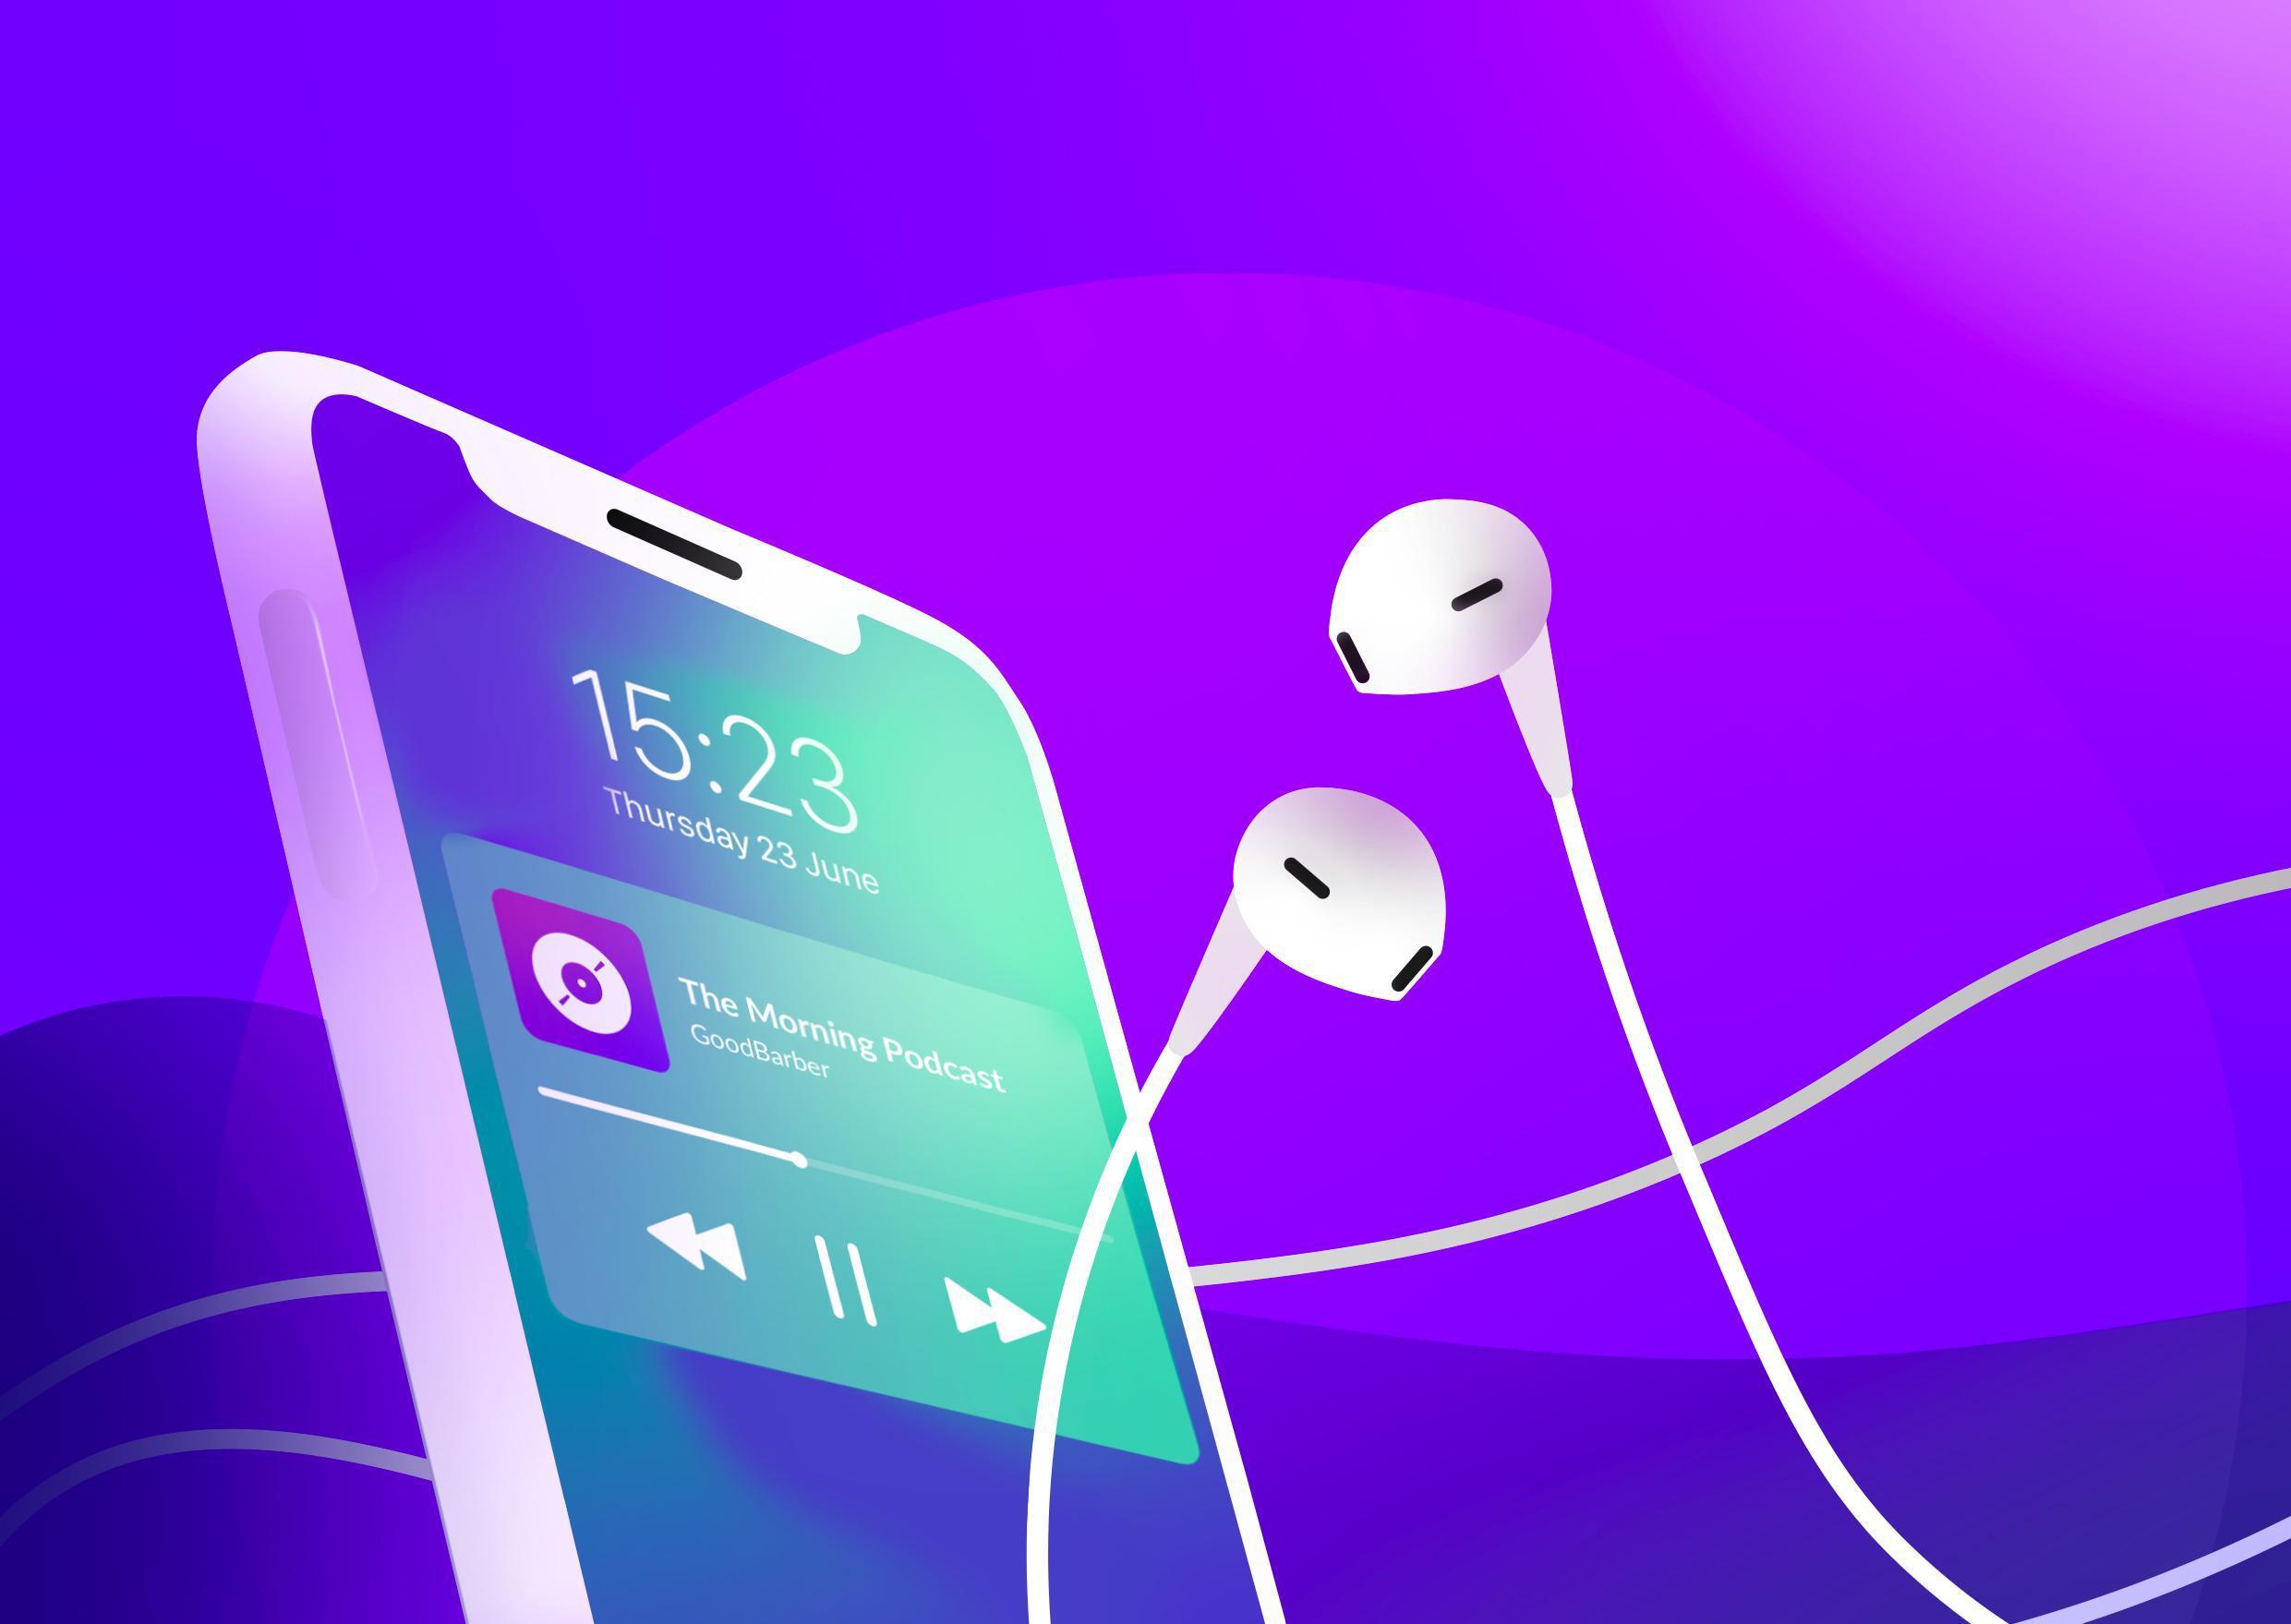 Lleva tu podcast al siguiente nivel con una aplicación móvil